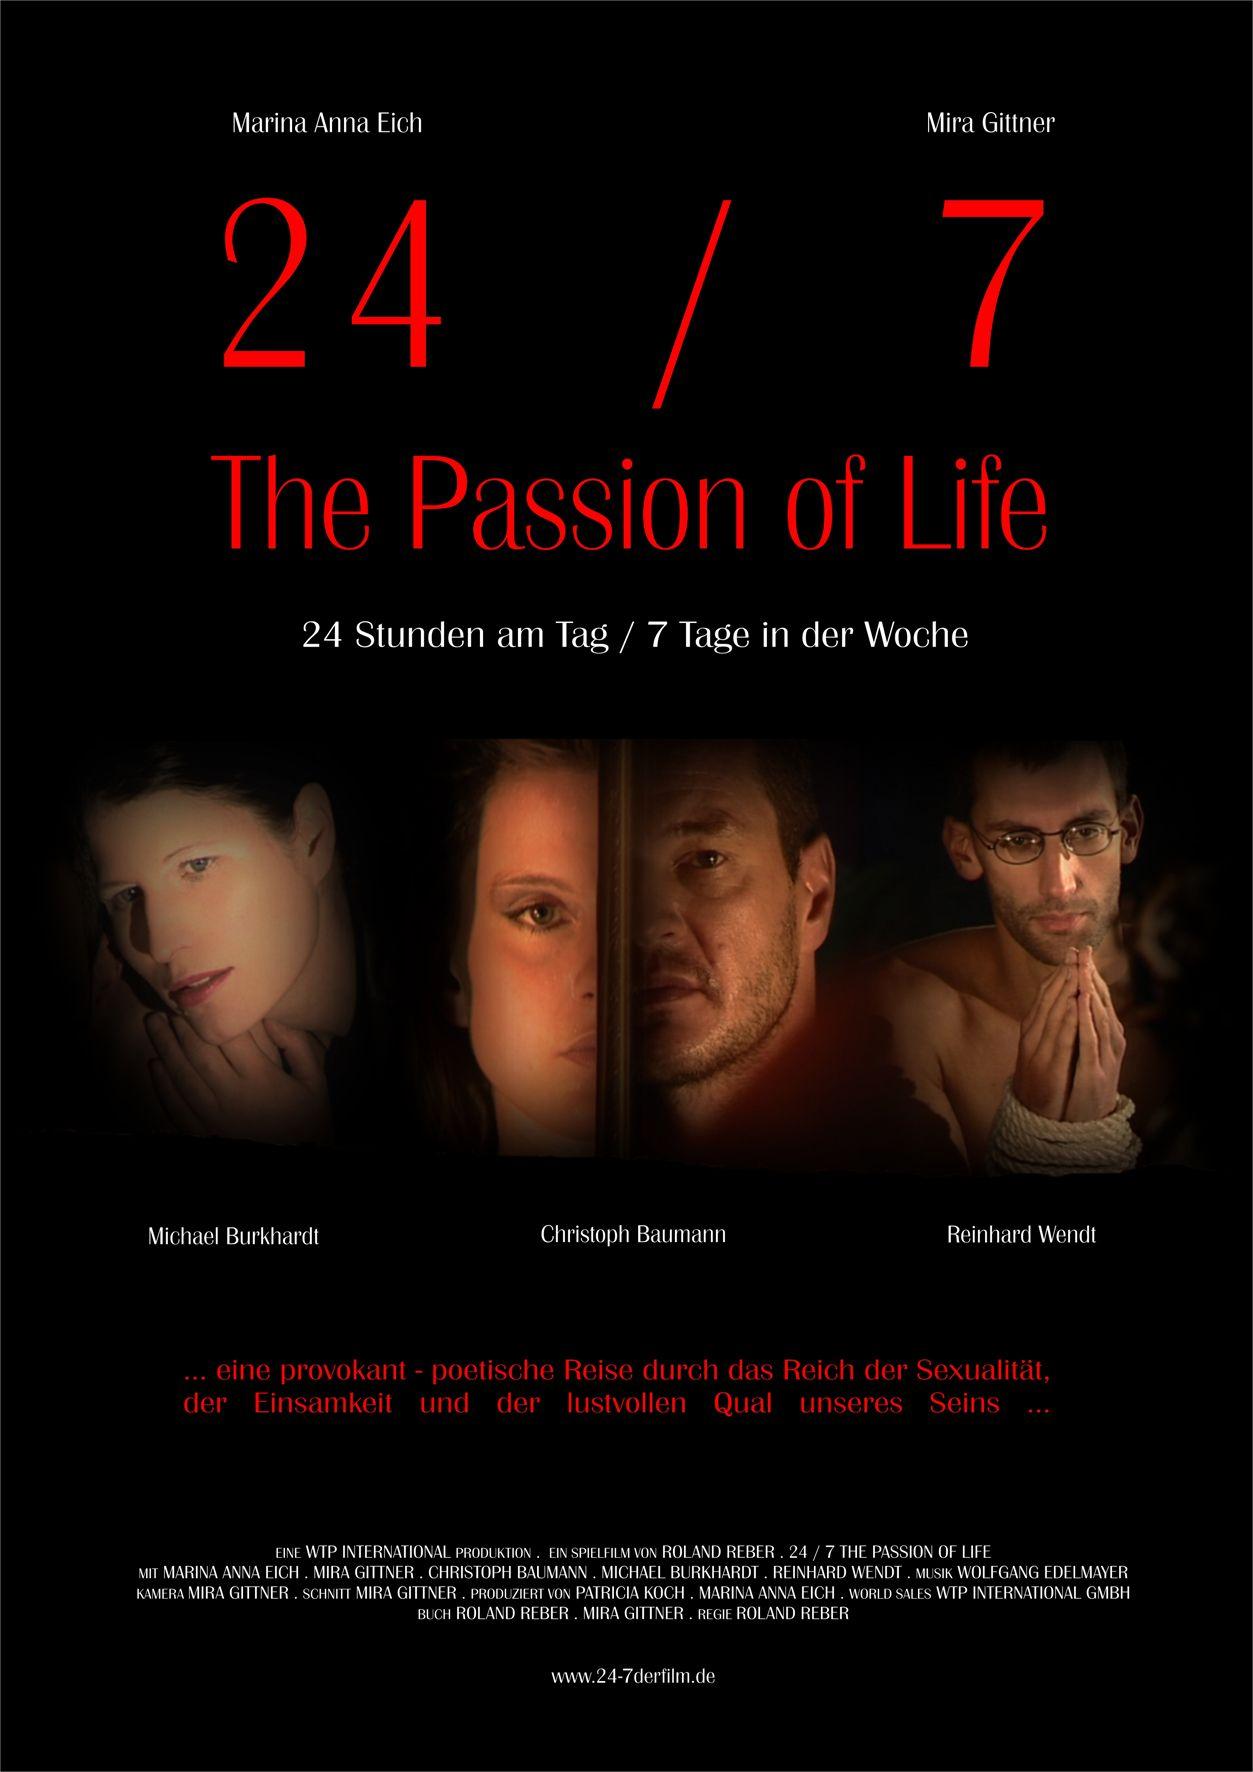 24 7 Film